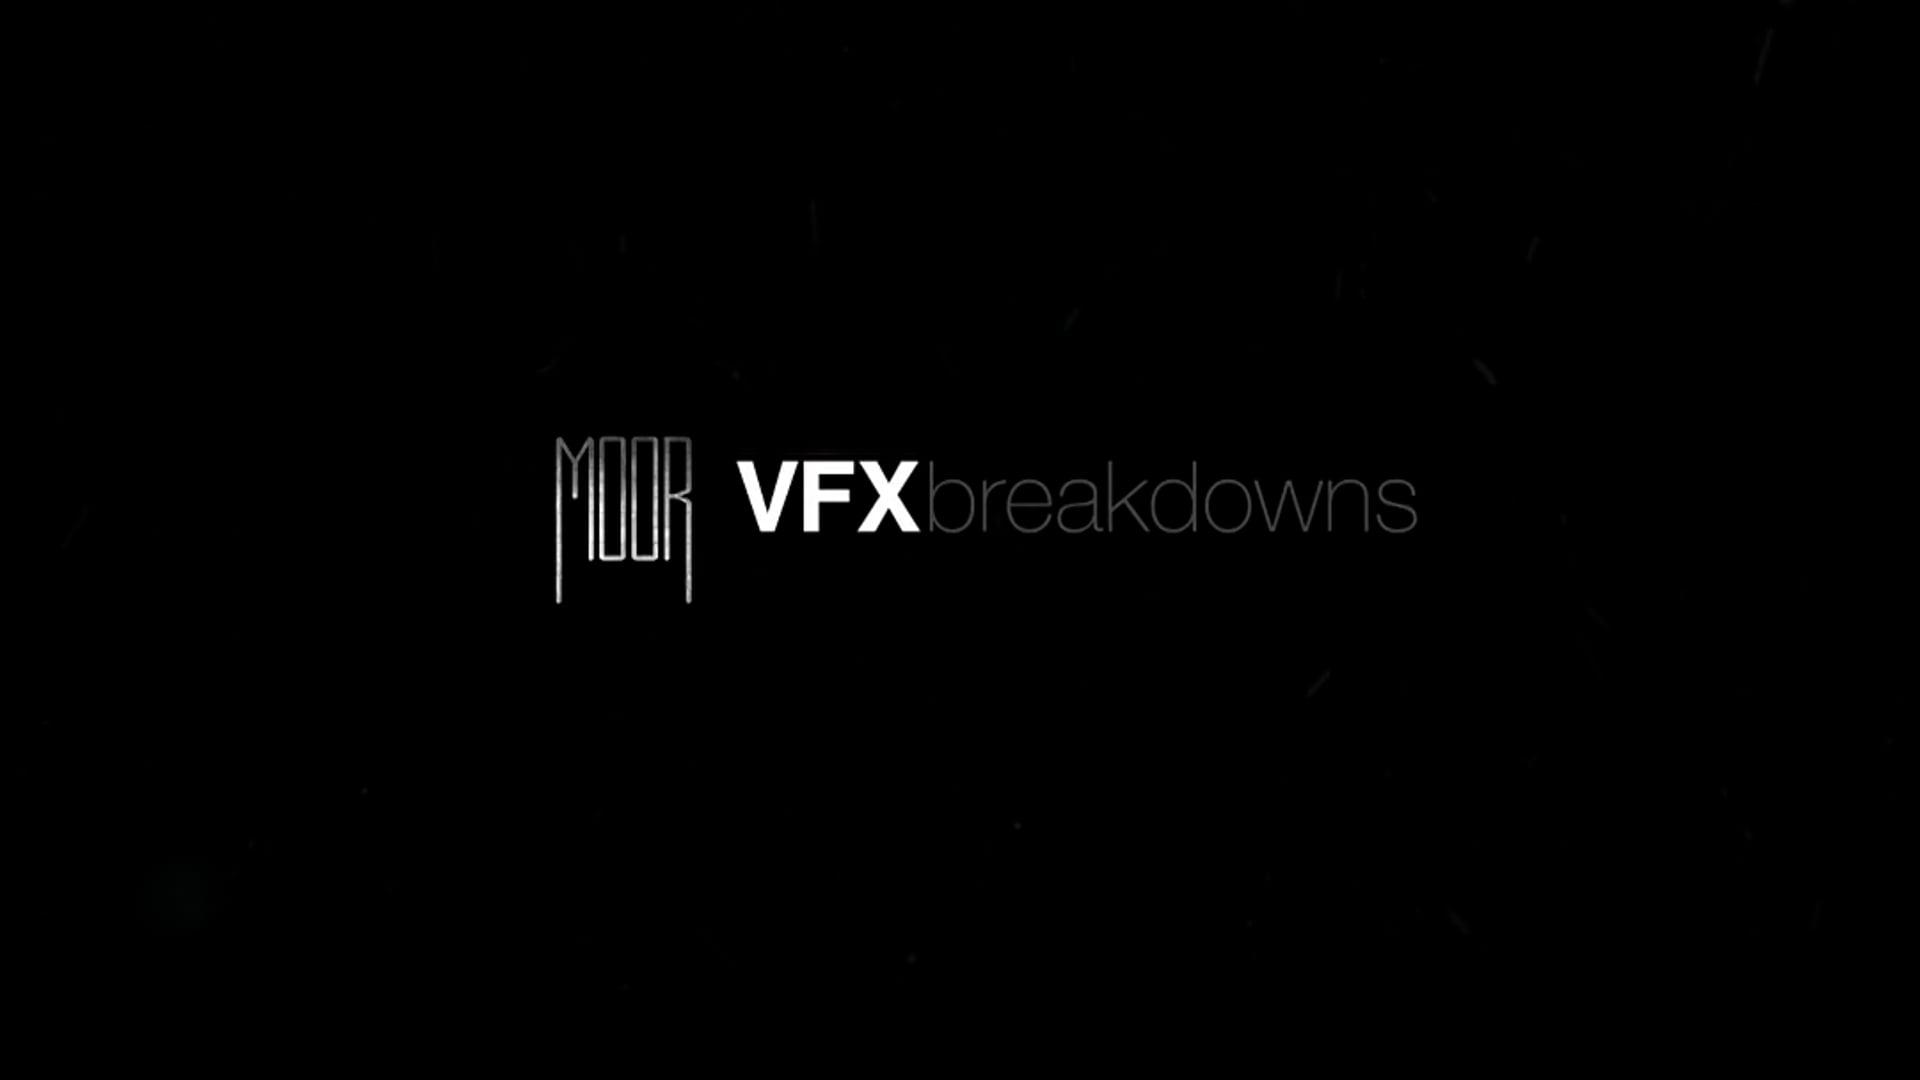 Moor VFX Breakdown